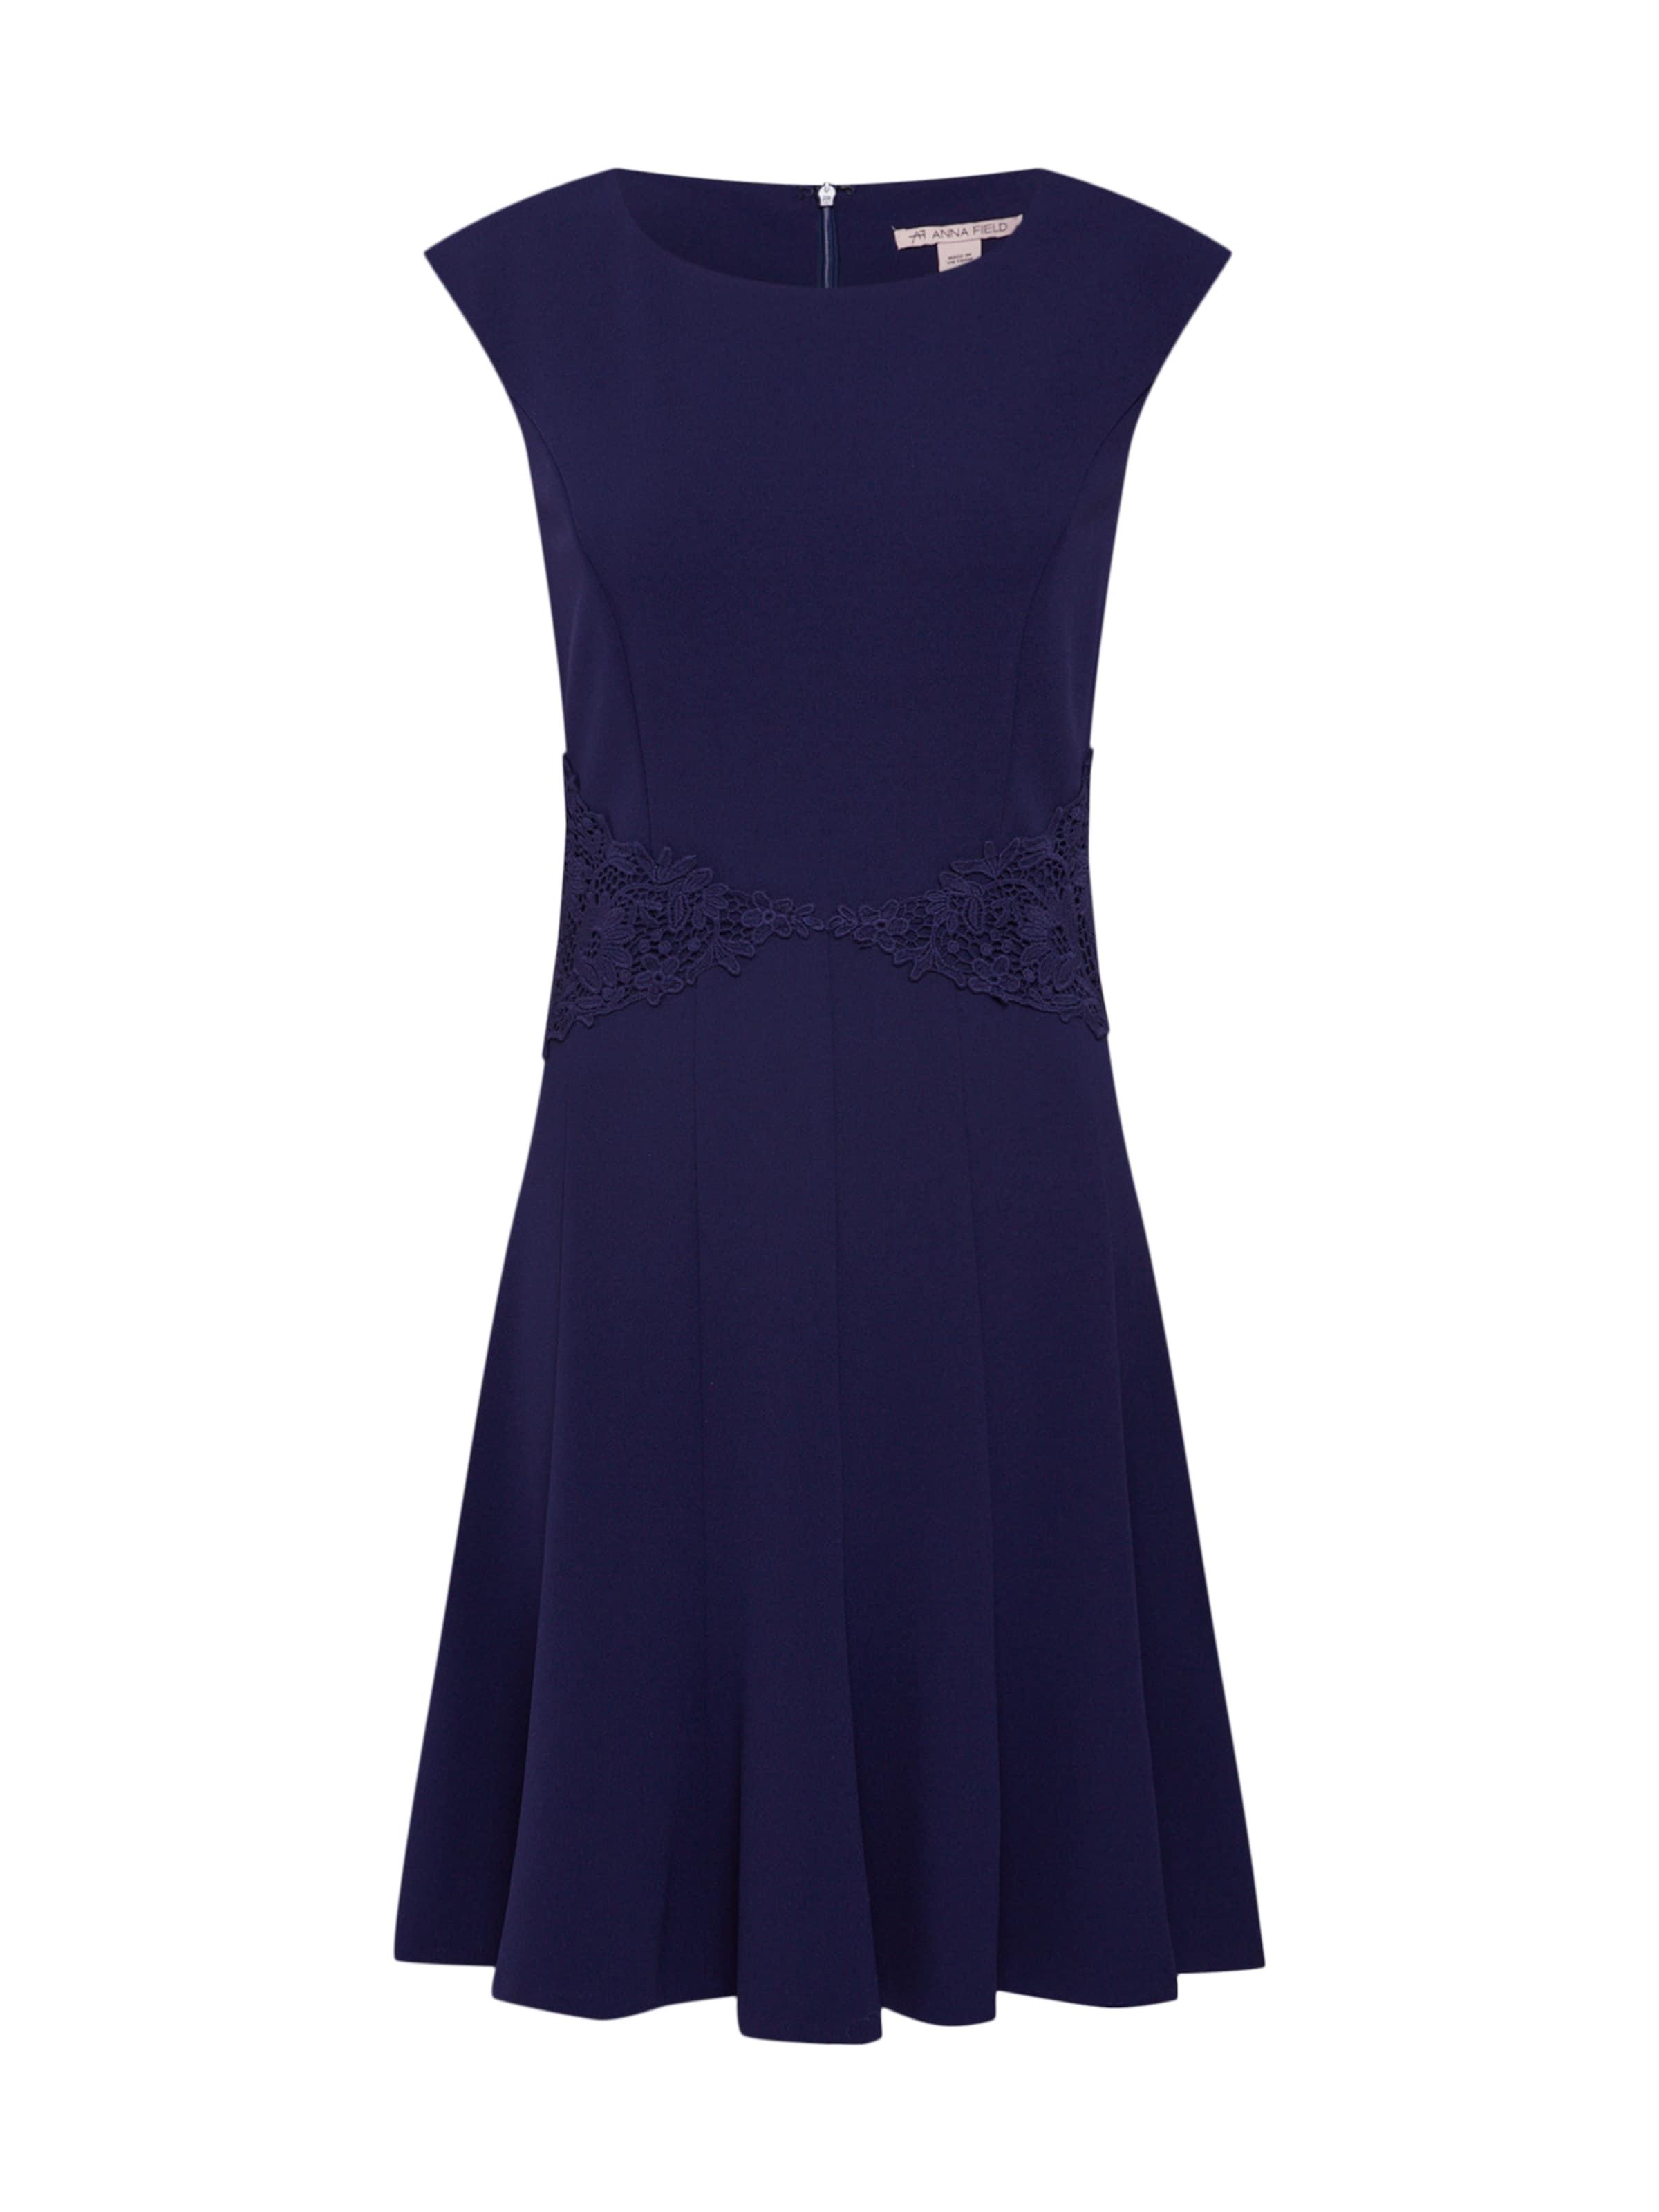 Field Skirt' Lace And With En 'jersey Flared Anna Marine Dress Robe Bleu D'été Belt lJK3FT1c